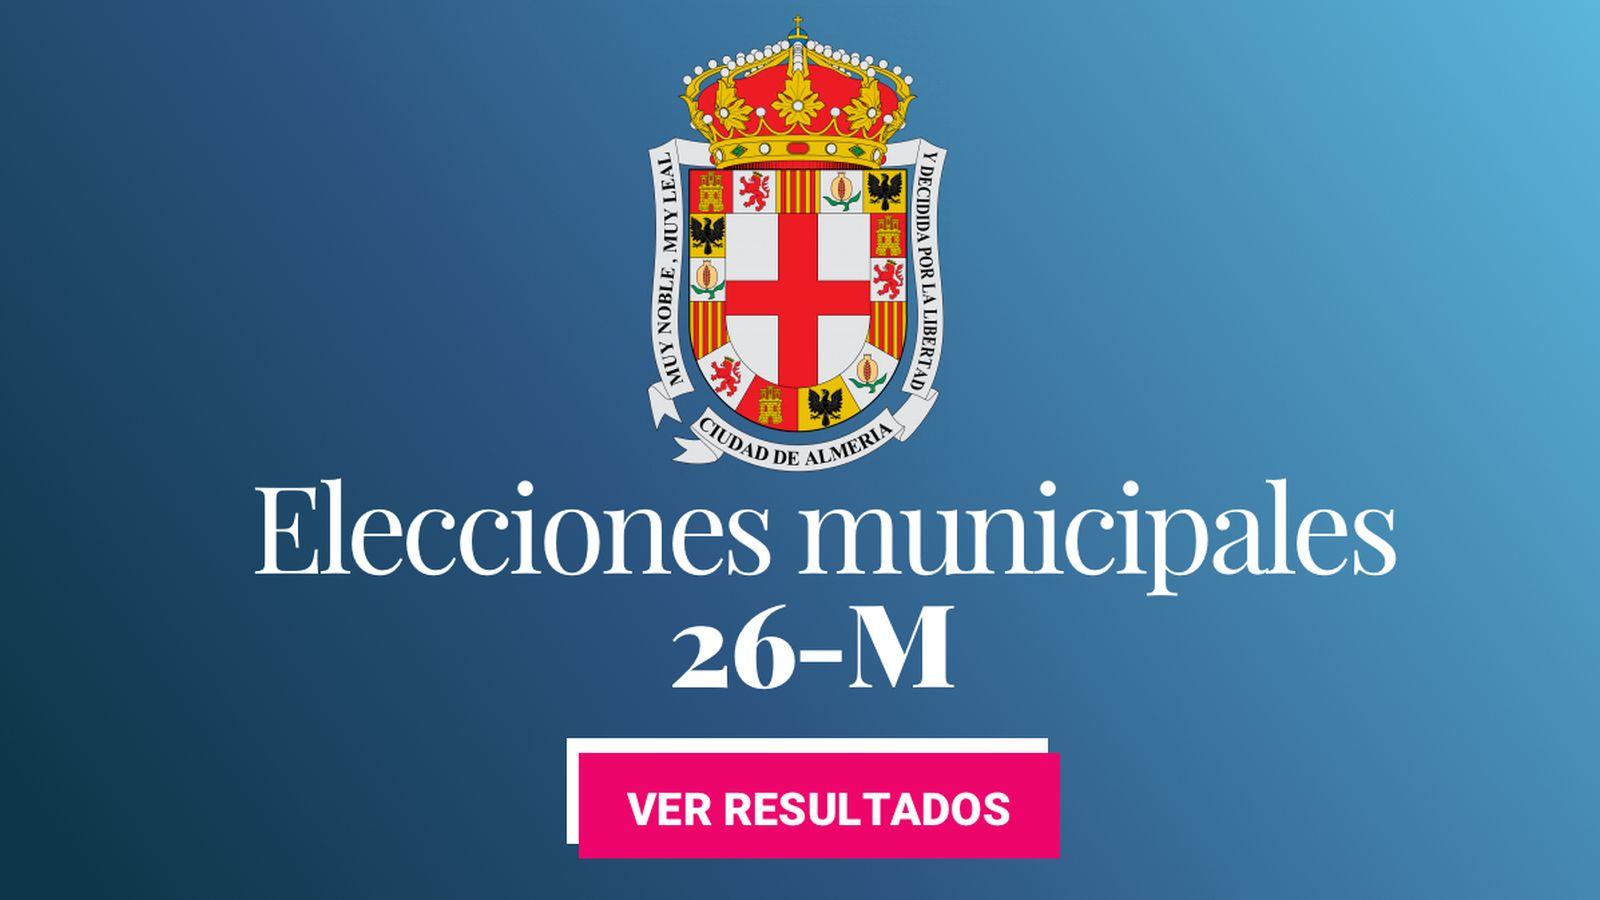 Foto: Elecciones municipales 2019 en Almería. (C.C./EC)